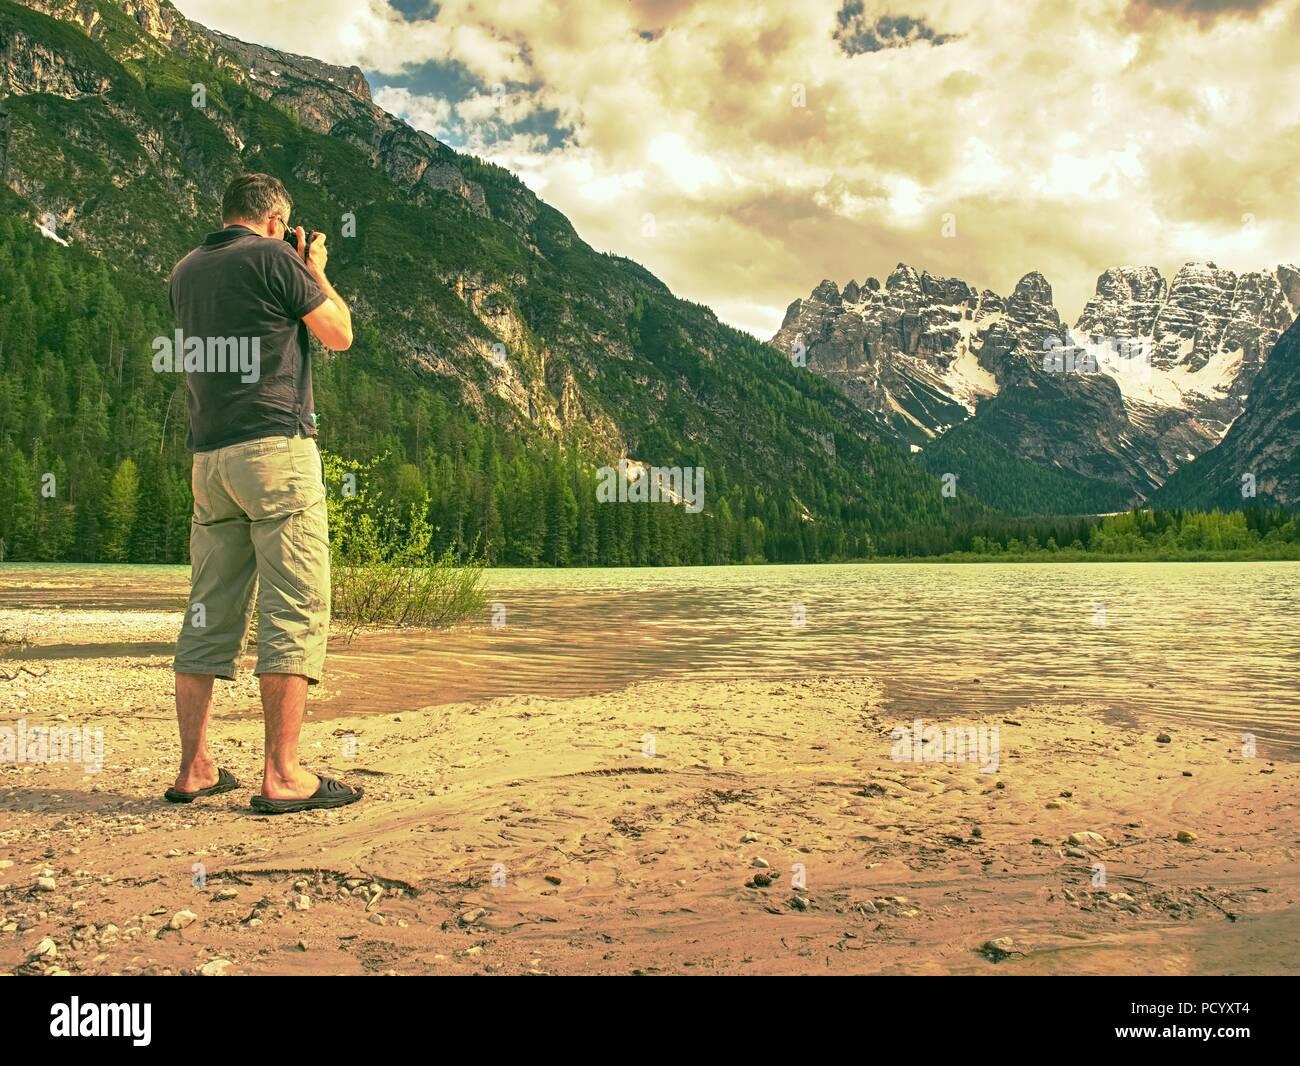 Fotograf mit Auge am Sucher ist unter Foto von See mit Alpen Berge im Hintergrund. Künstler arbeitet. Stockbild